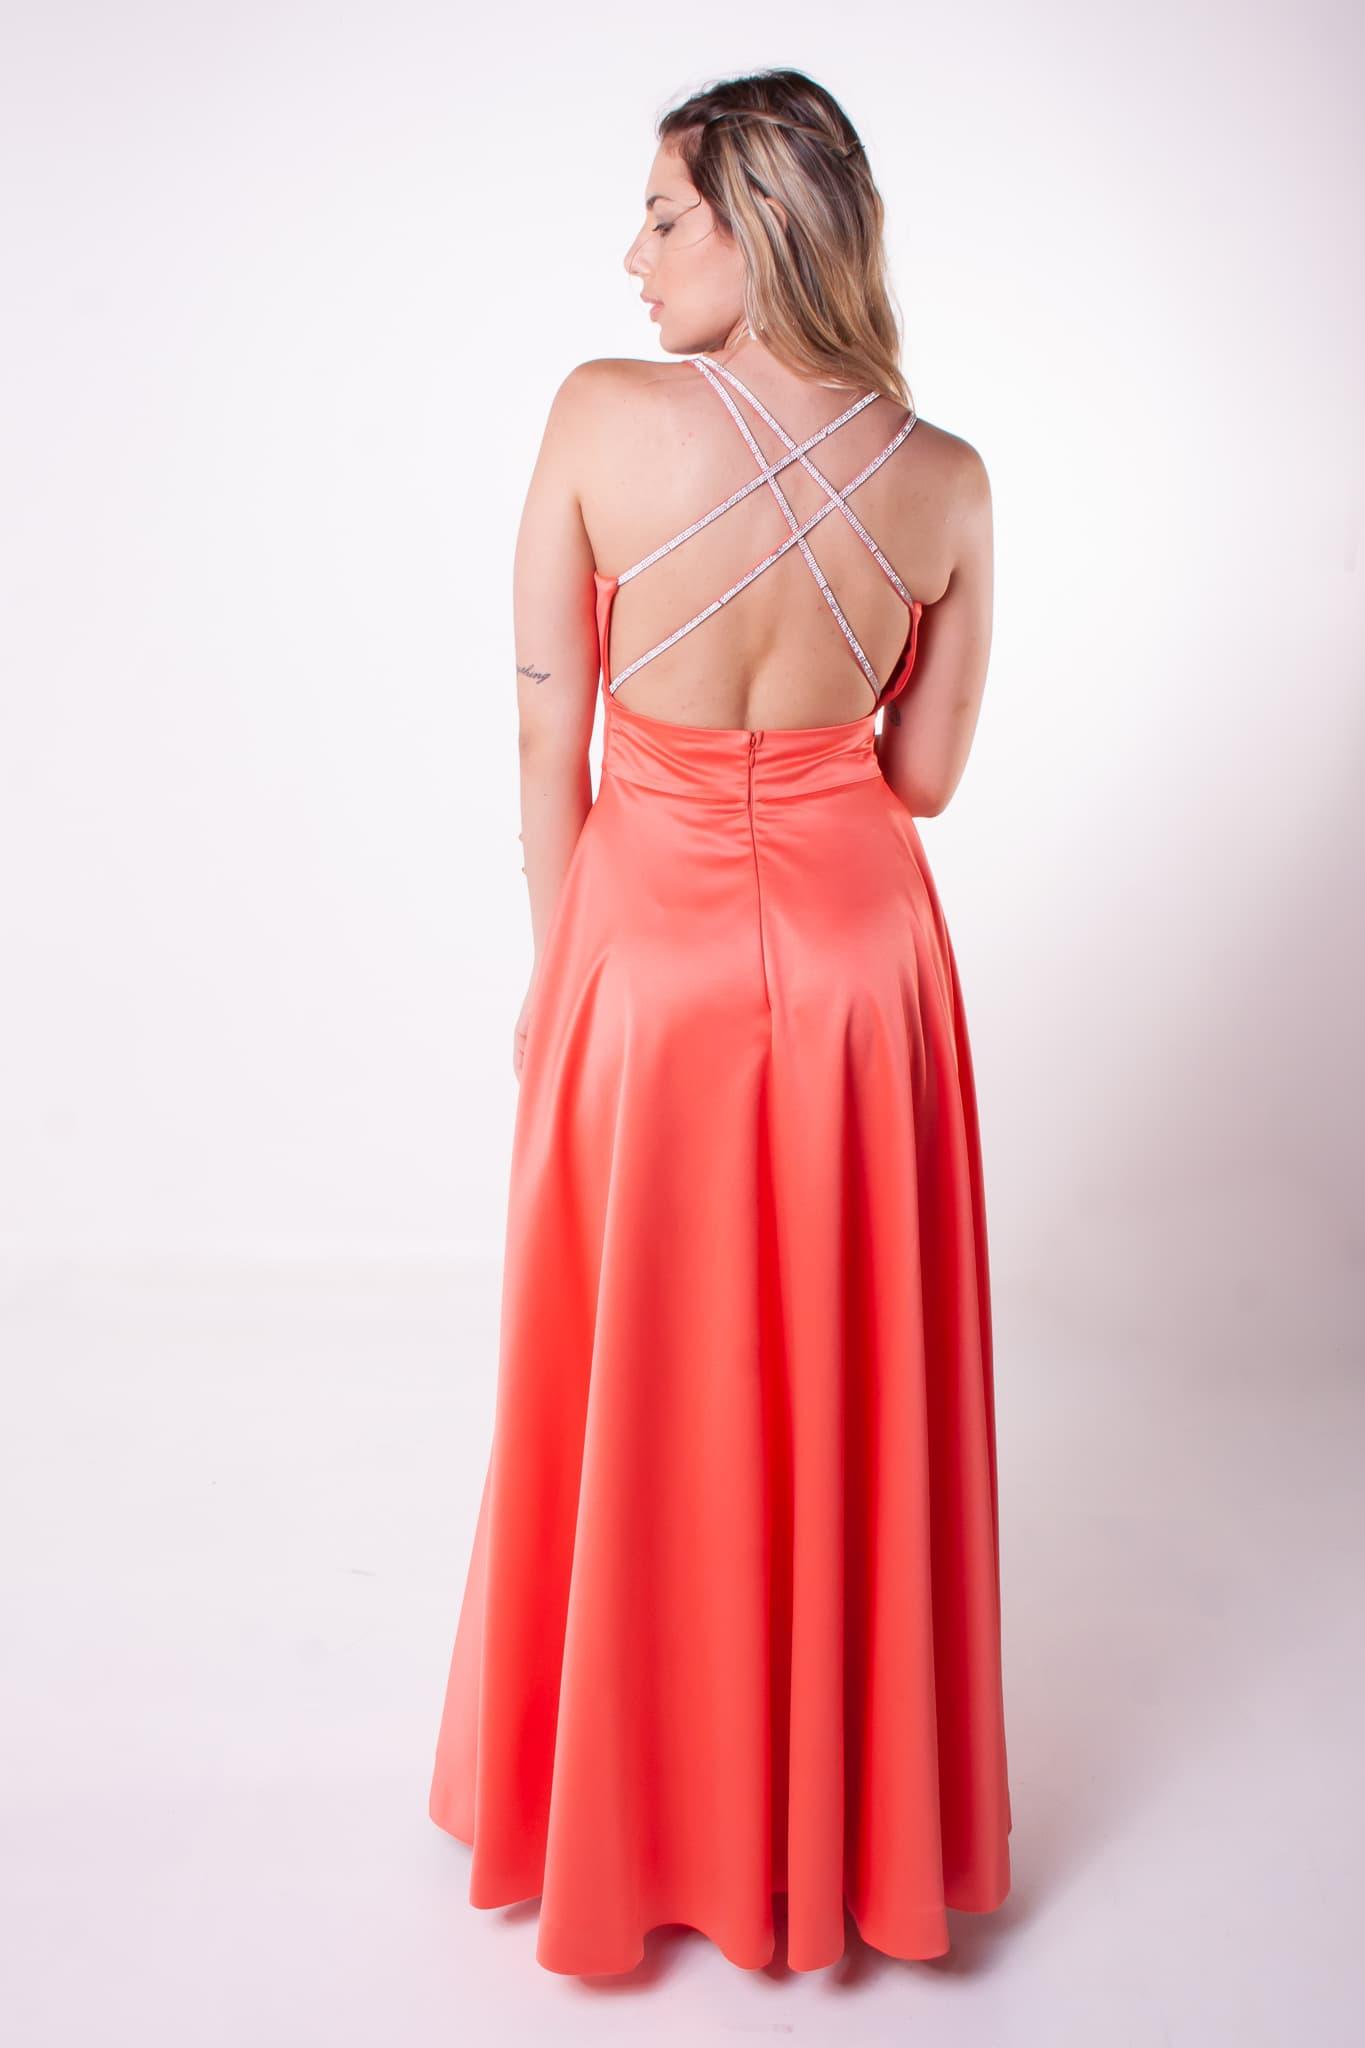 24 - Vestido coral com fenda e detalhe nas costas